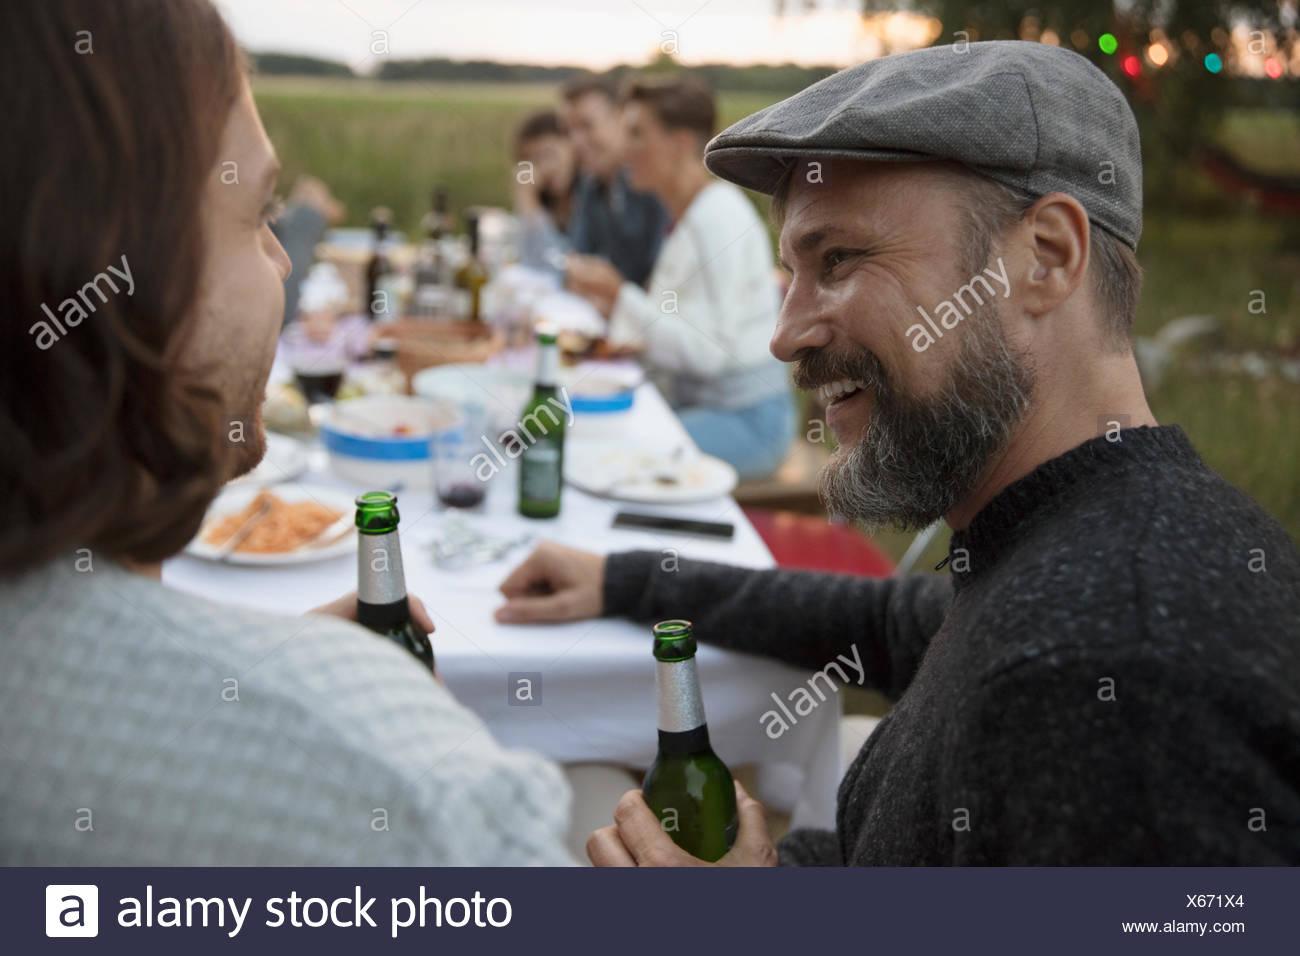 Lächelnd mann Bier trinken und reden an Freund im Summer Garden Party Abendessen Stockbild